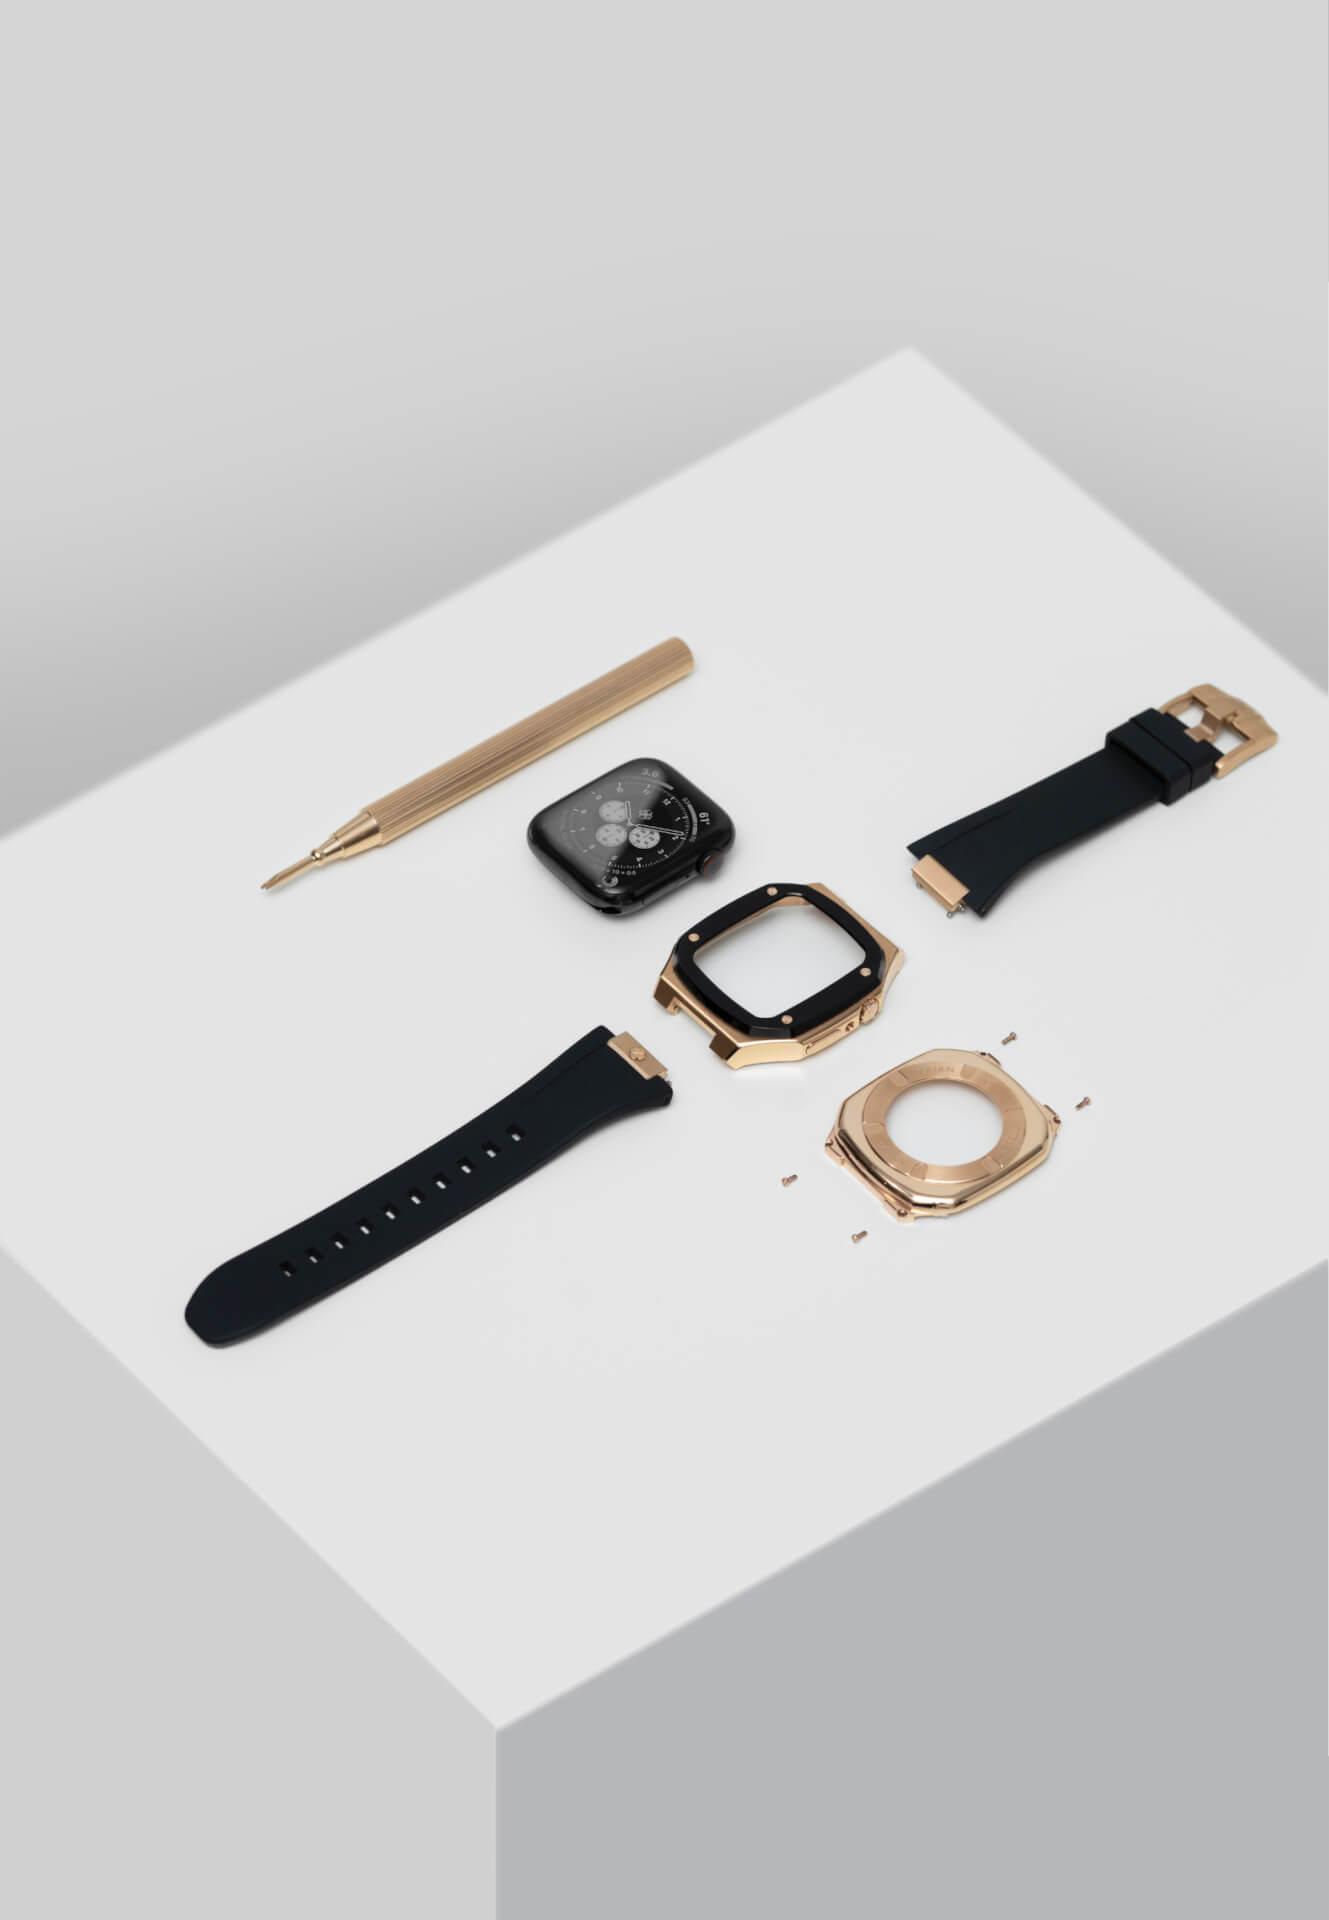 高級感漂うGOLDEN CONCEPTのApple Watchケースに待望の40mm用新コレクションが登場!ホワイト、イエローなどの新カラーがラインナップ tech201124_applewatch_case_11